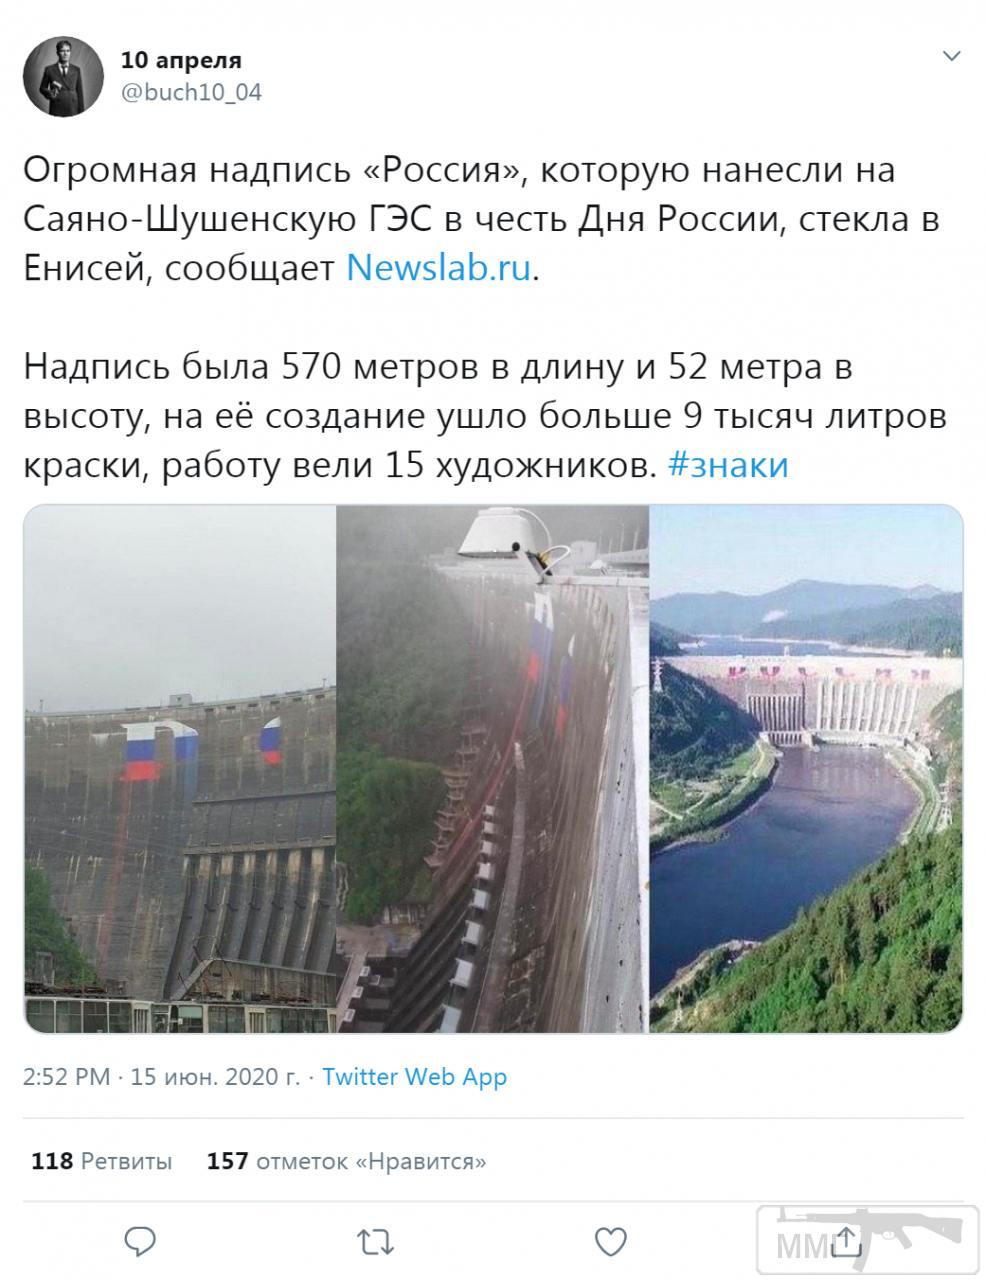 108958 - А в России чудеса!